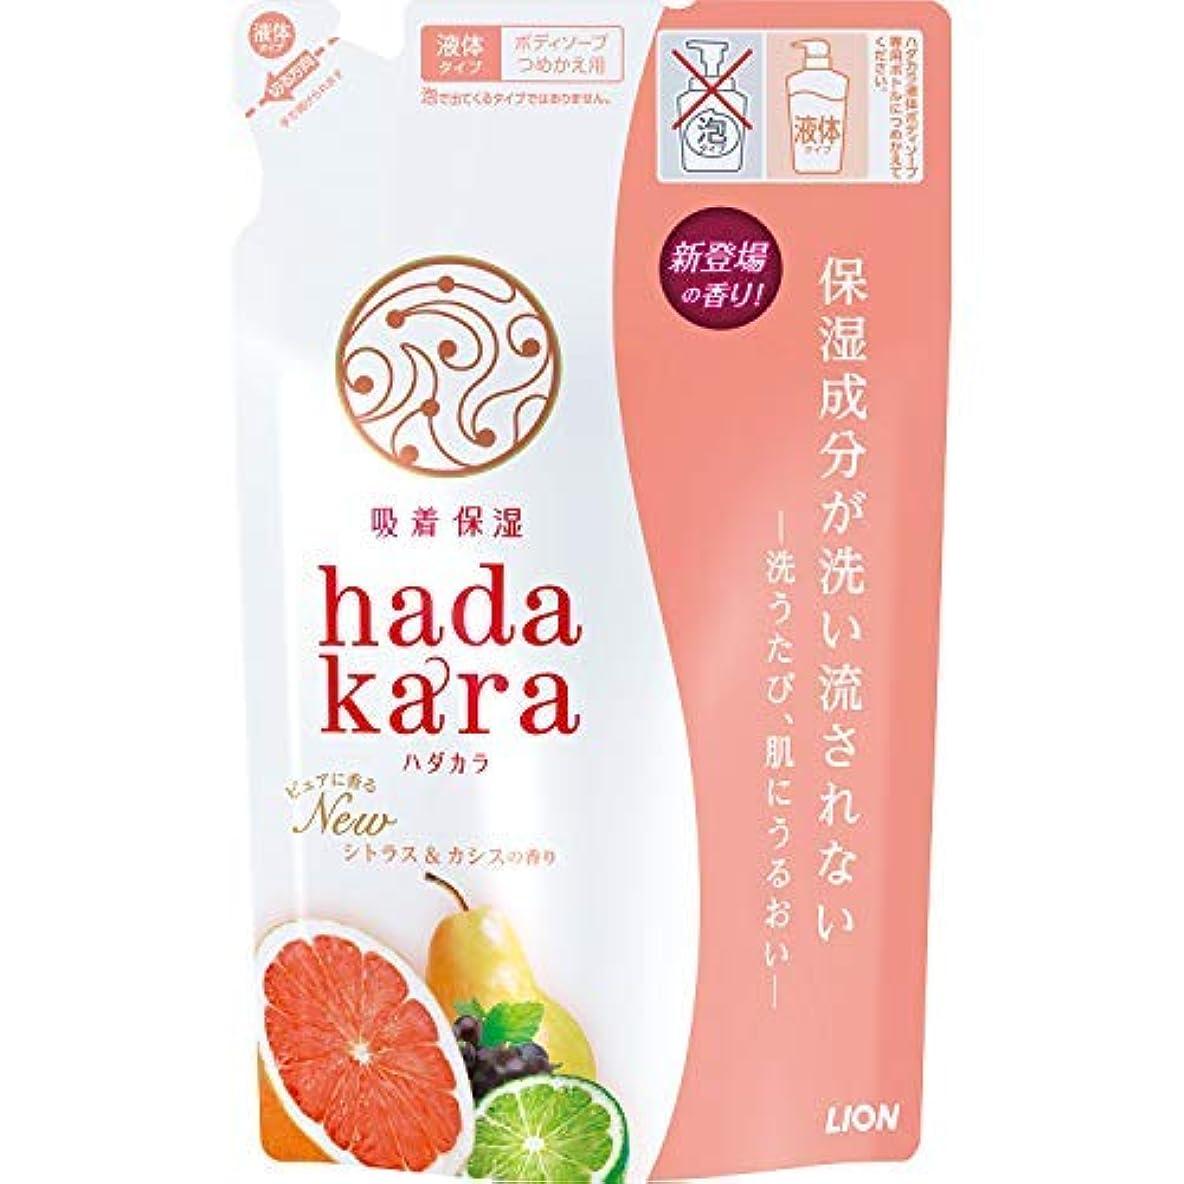 砂利出会い恐怖症hadakara(ハダカラ)ボディソープ シトラス&カシスの香り 詰替え用 360ml × 3個セット